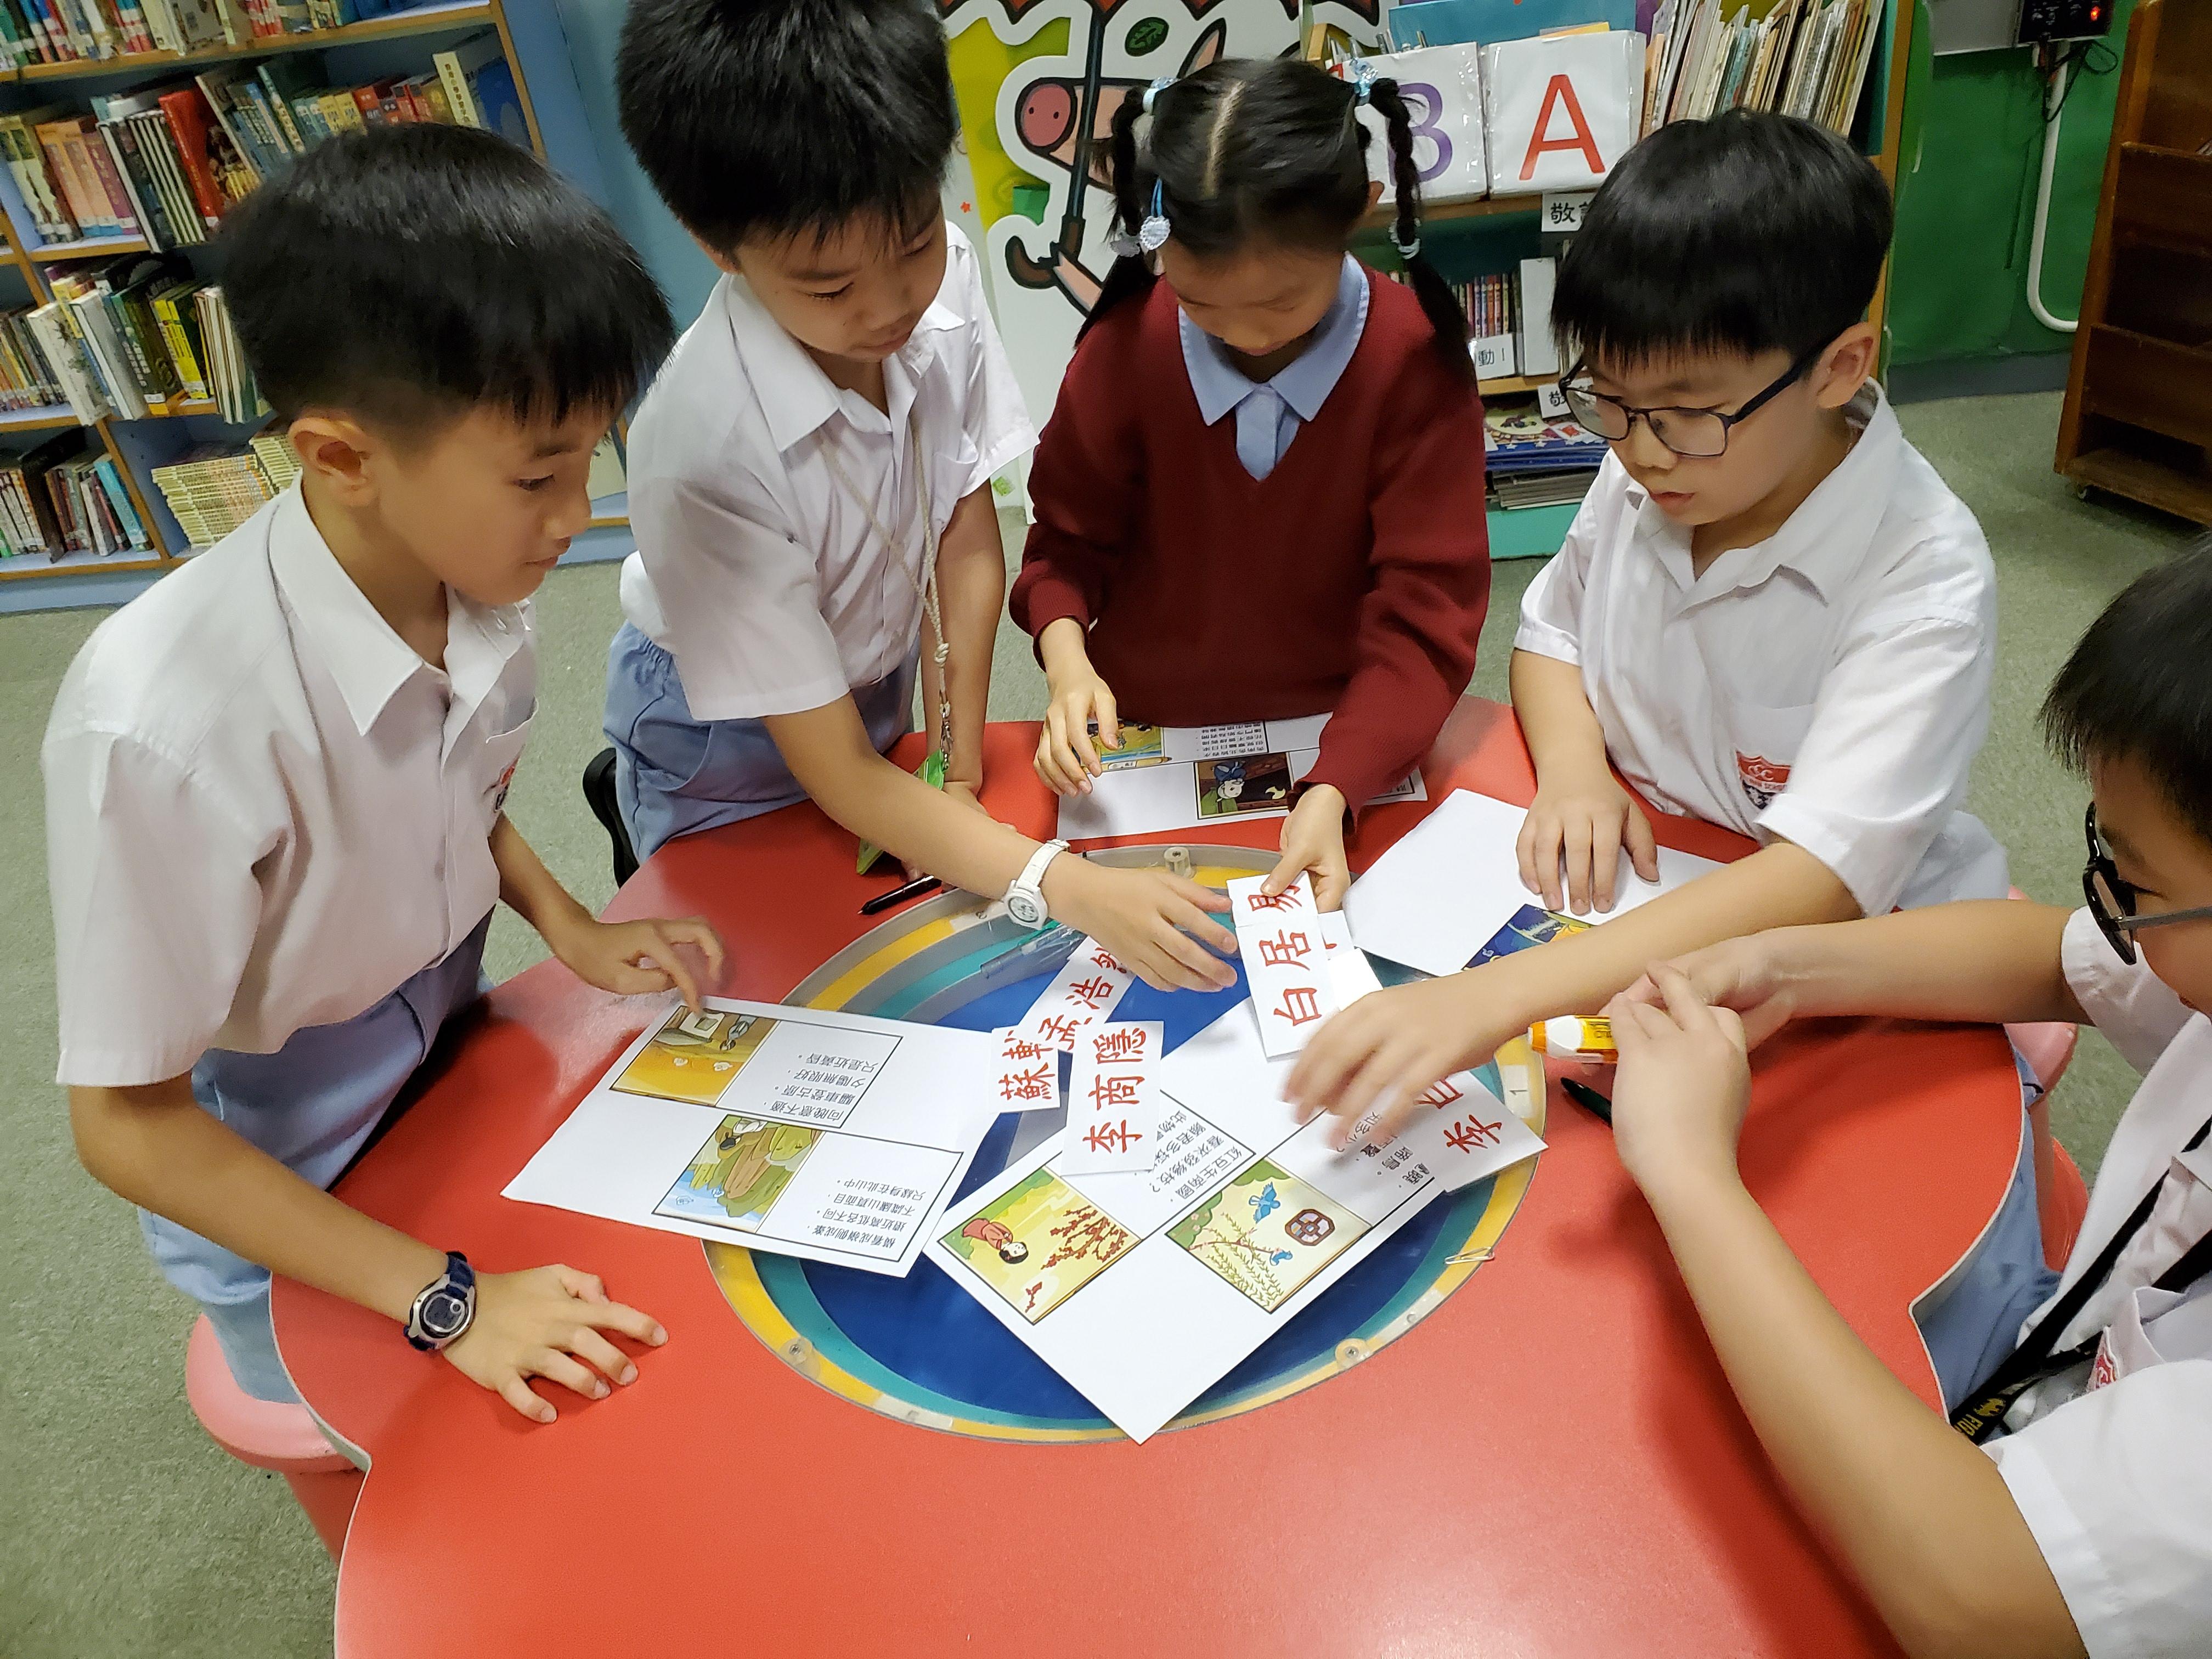 http://www.keiwan.edu.hk/sites/default/files/20191023_141803.jpg